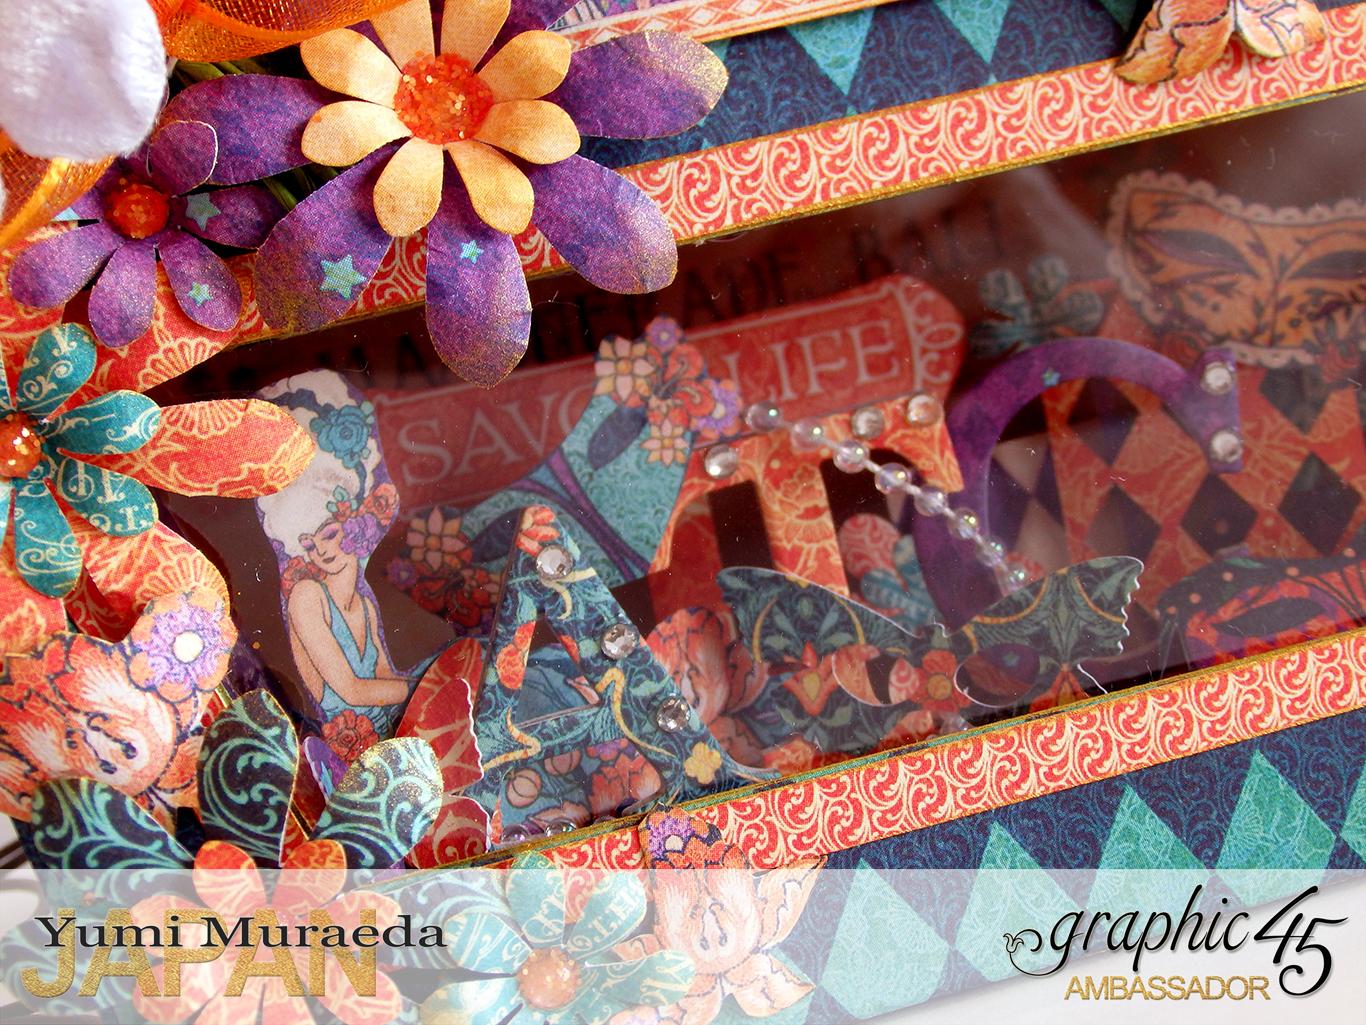 8ATCcasewithshopwindowbagdesignbyYumiMuraedaProducebyGraphic45.jpg